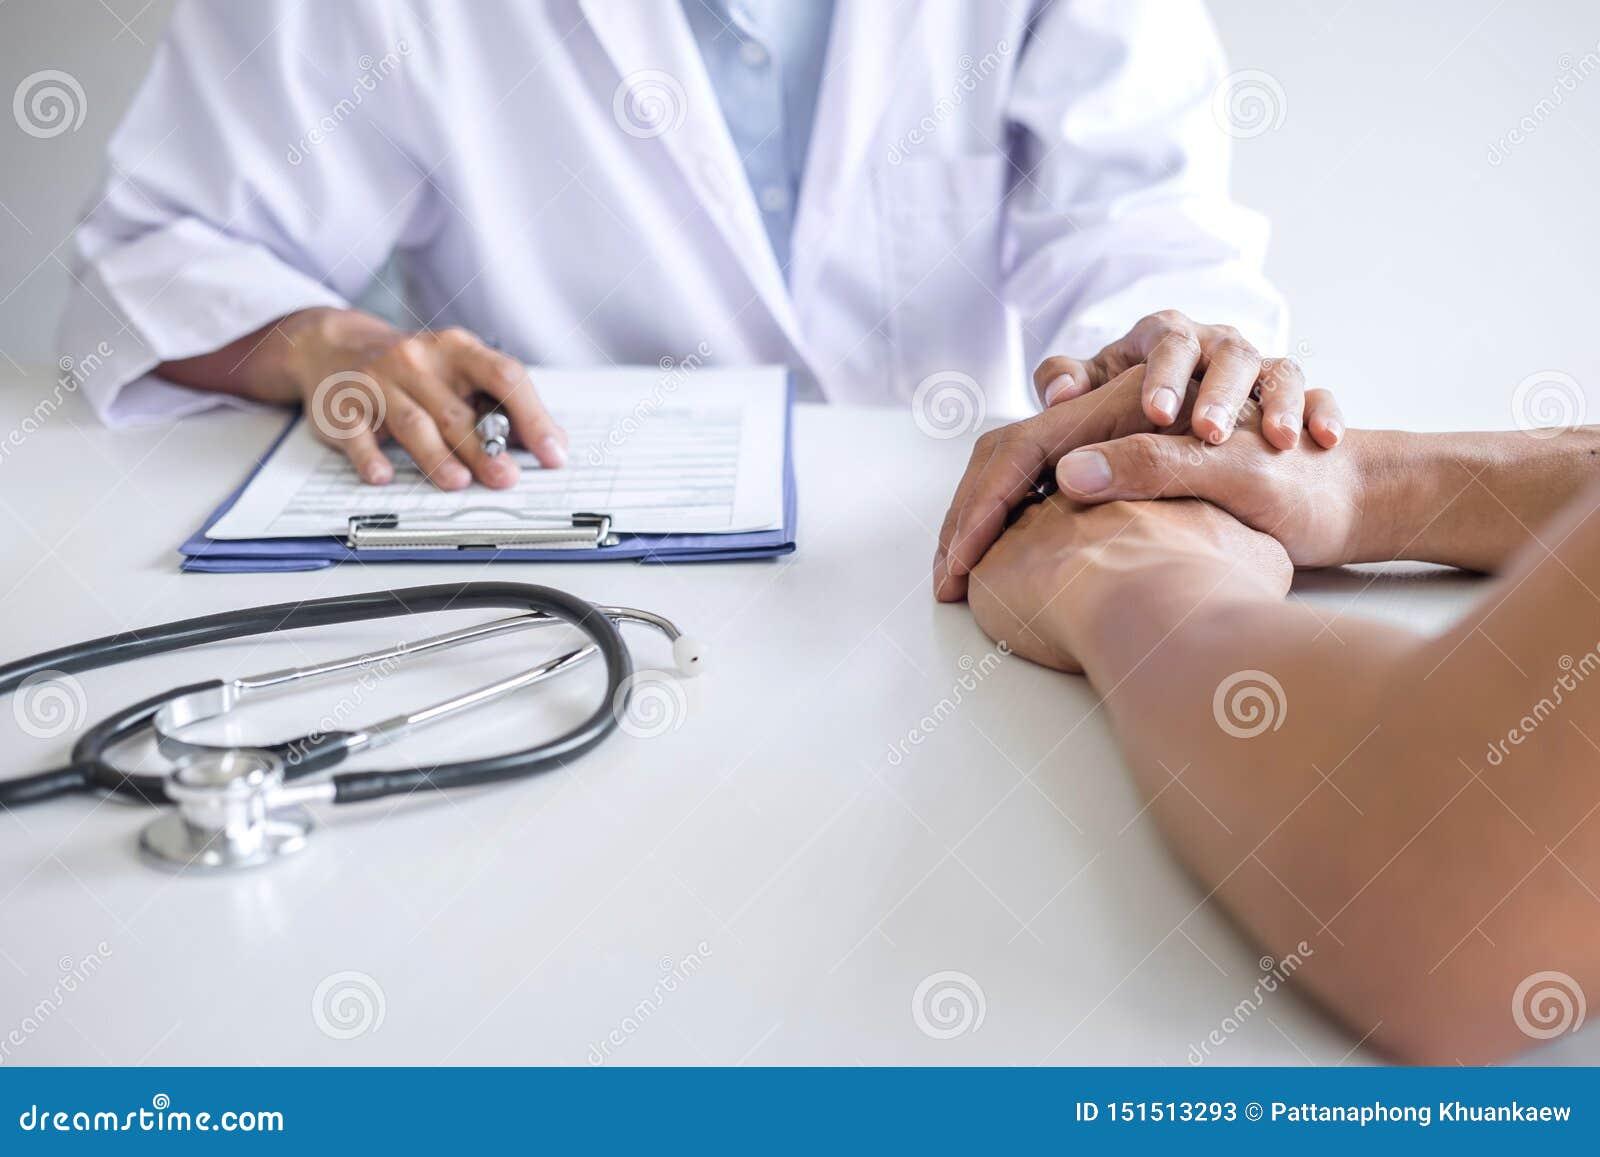 接触鼓励的耐心在医院,欢呼和支持患者,坏消息的医生手和同情,医疗